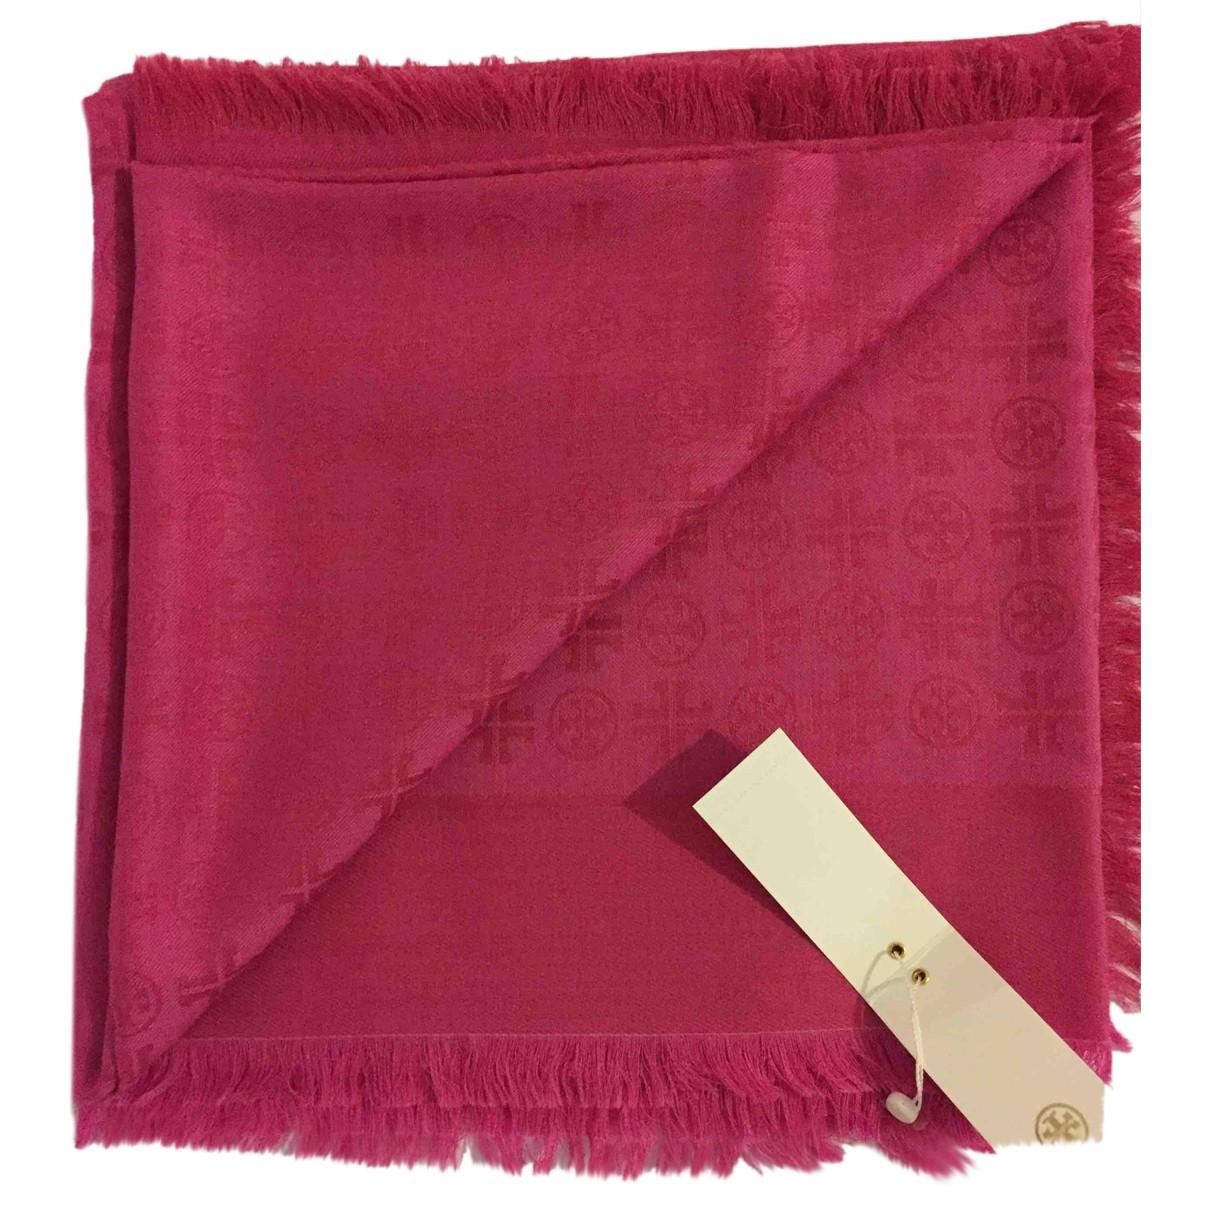 Tory Burch - Foulard   pour femme en laine - rose